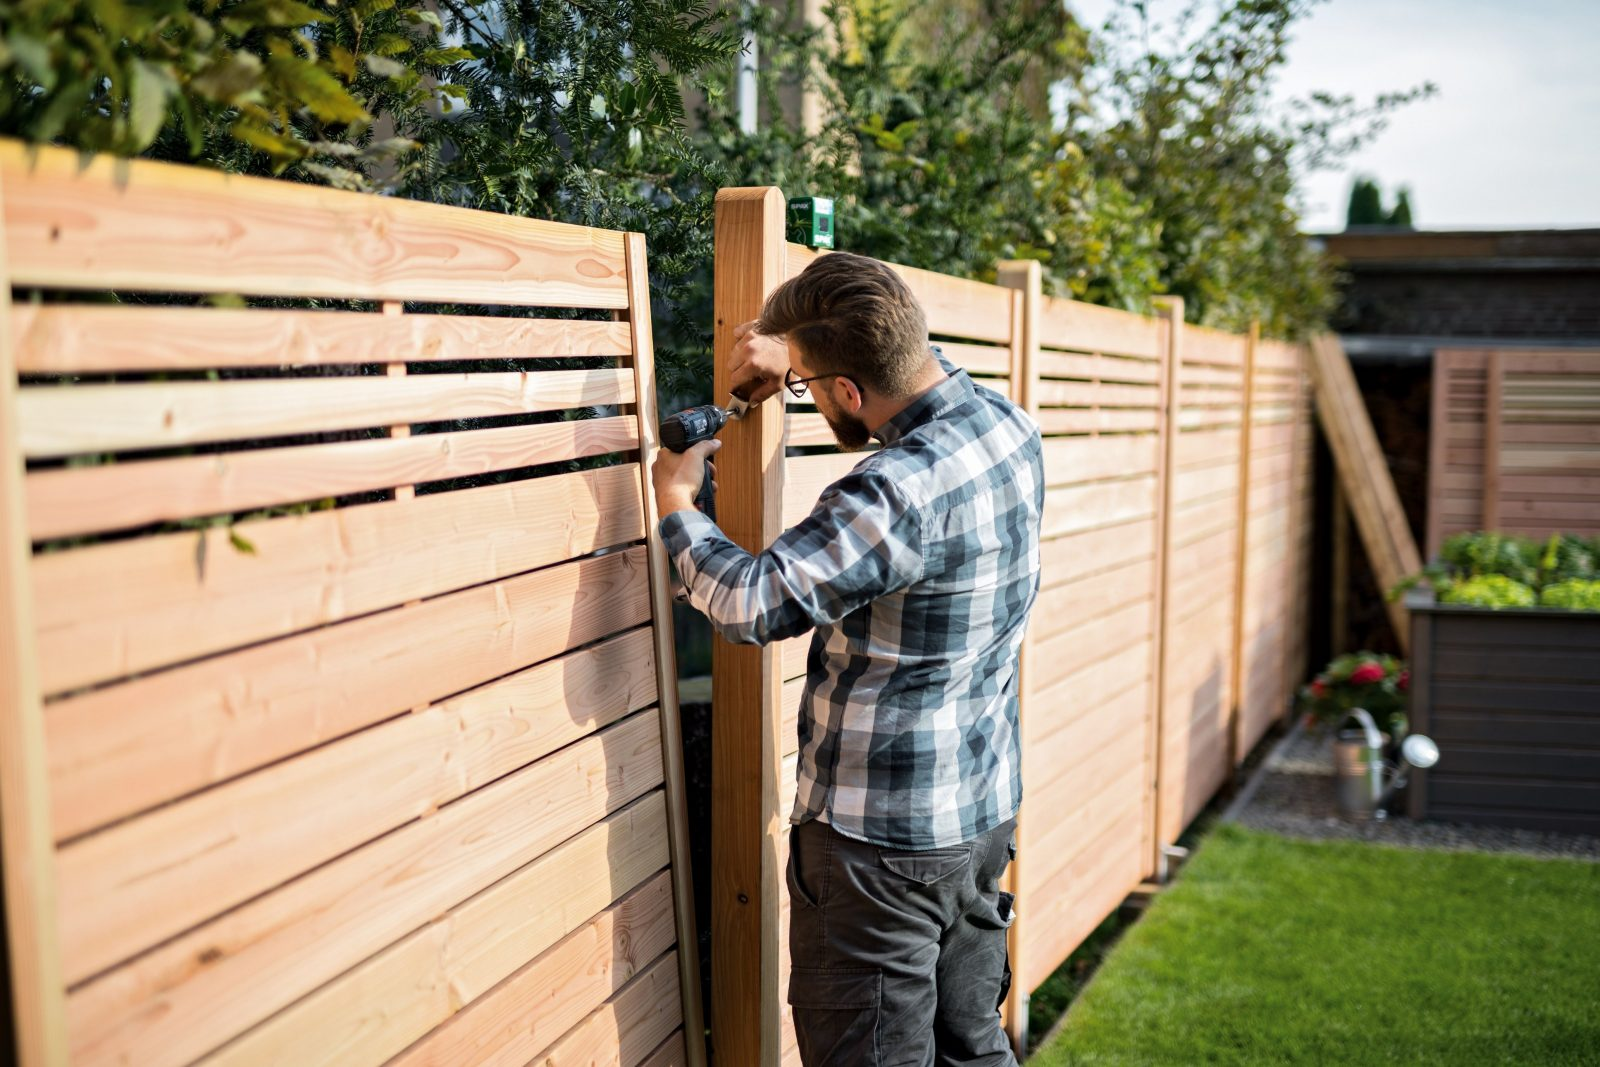 Holzzaun Mit Einschlaghülsen Leicht Selber Bauen  Obi von Sichtschutz Lärche Selber Bauen Bild